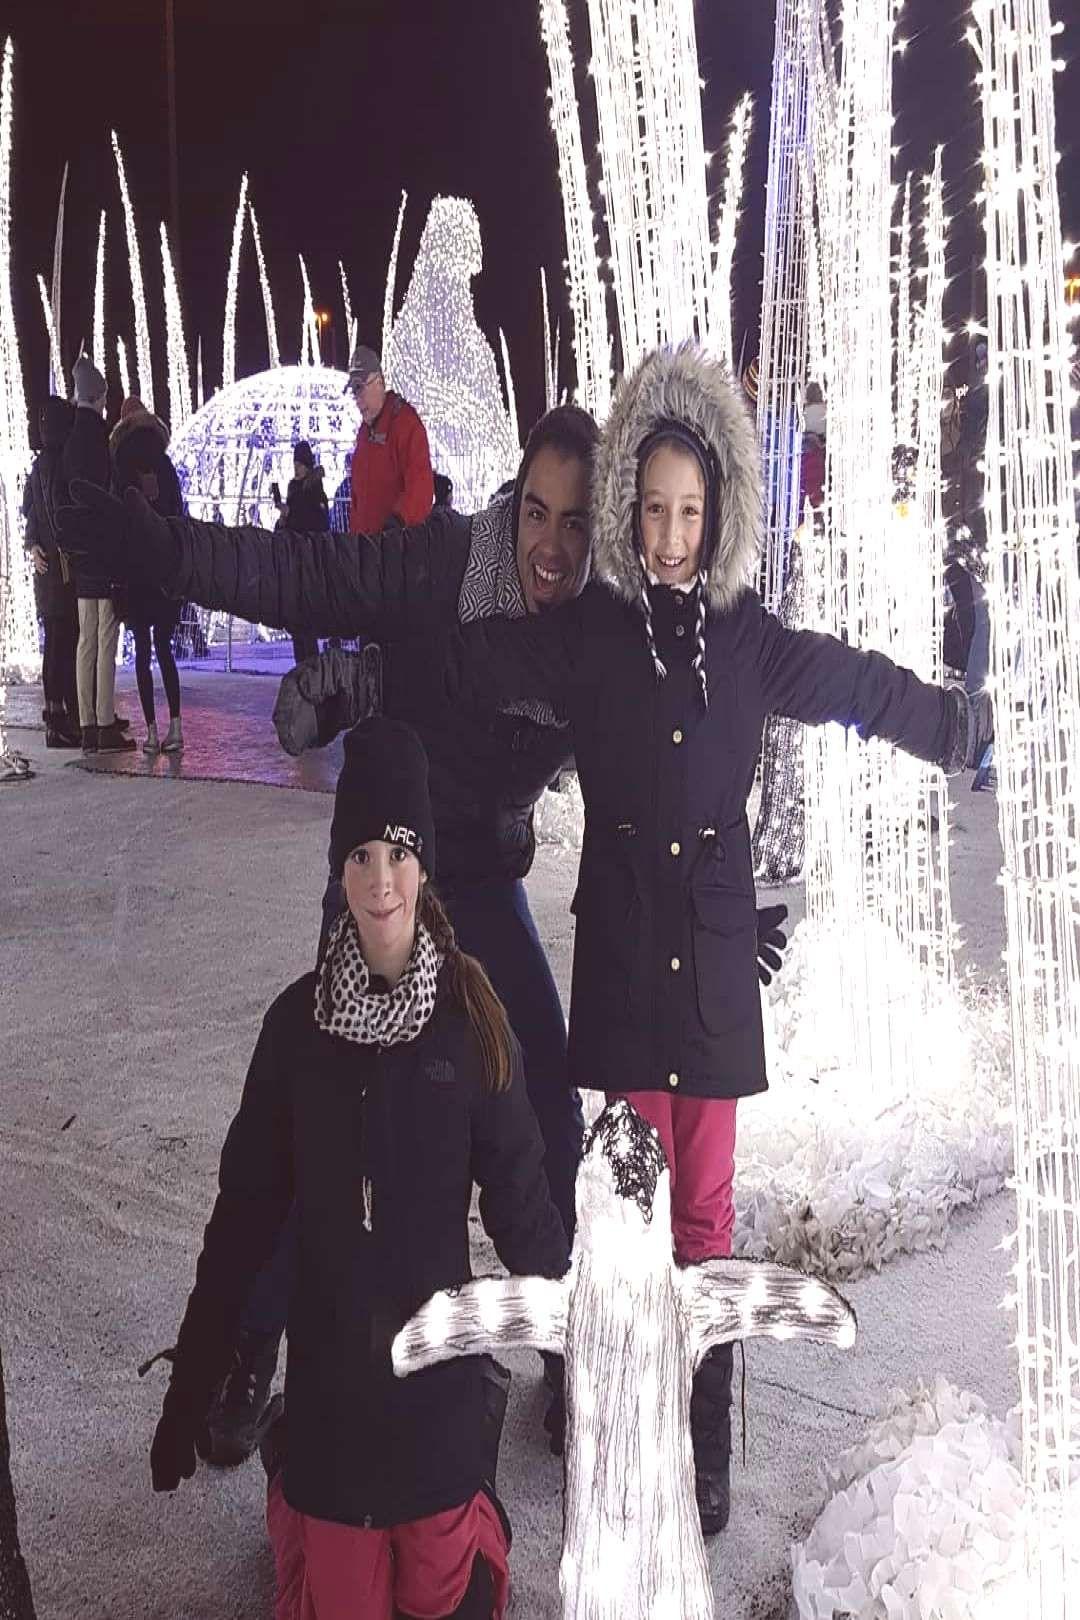 #christmasmagic #illumicavalia #peoplepeople #standingsky #christmas #throwback #outdoor #illumi #chris #and #4 Christmas Throwback #illumicavalia #illumi #christmasmagic #chrisYou can find Christm...